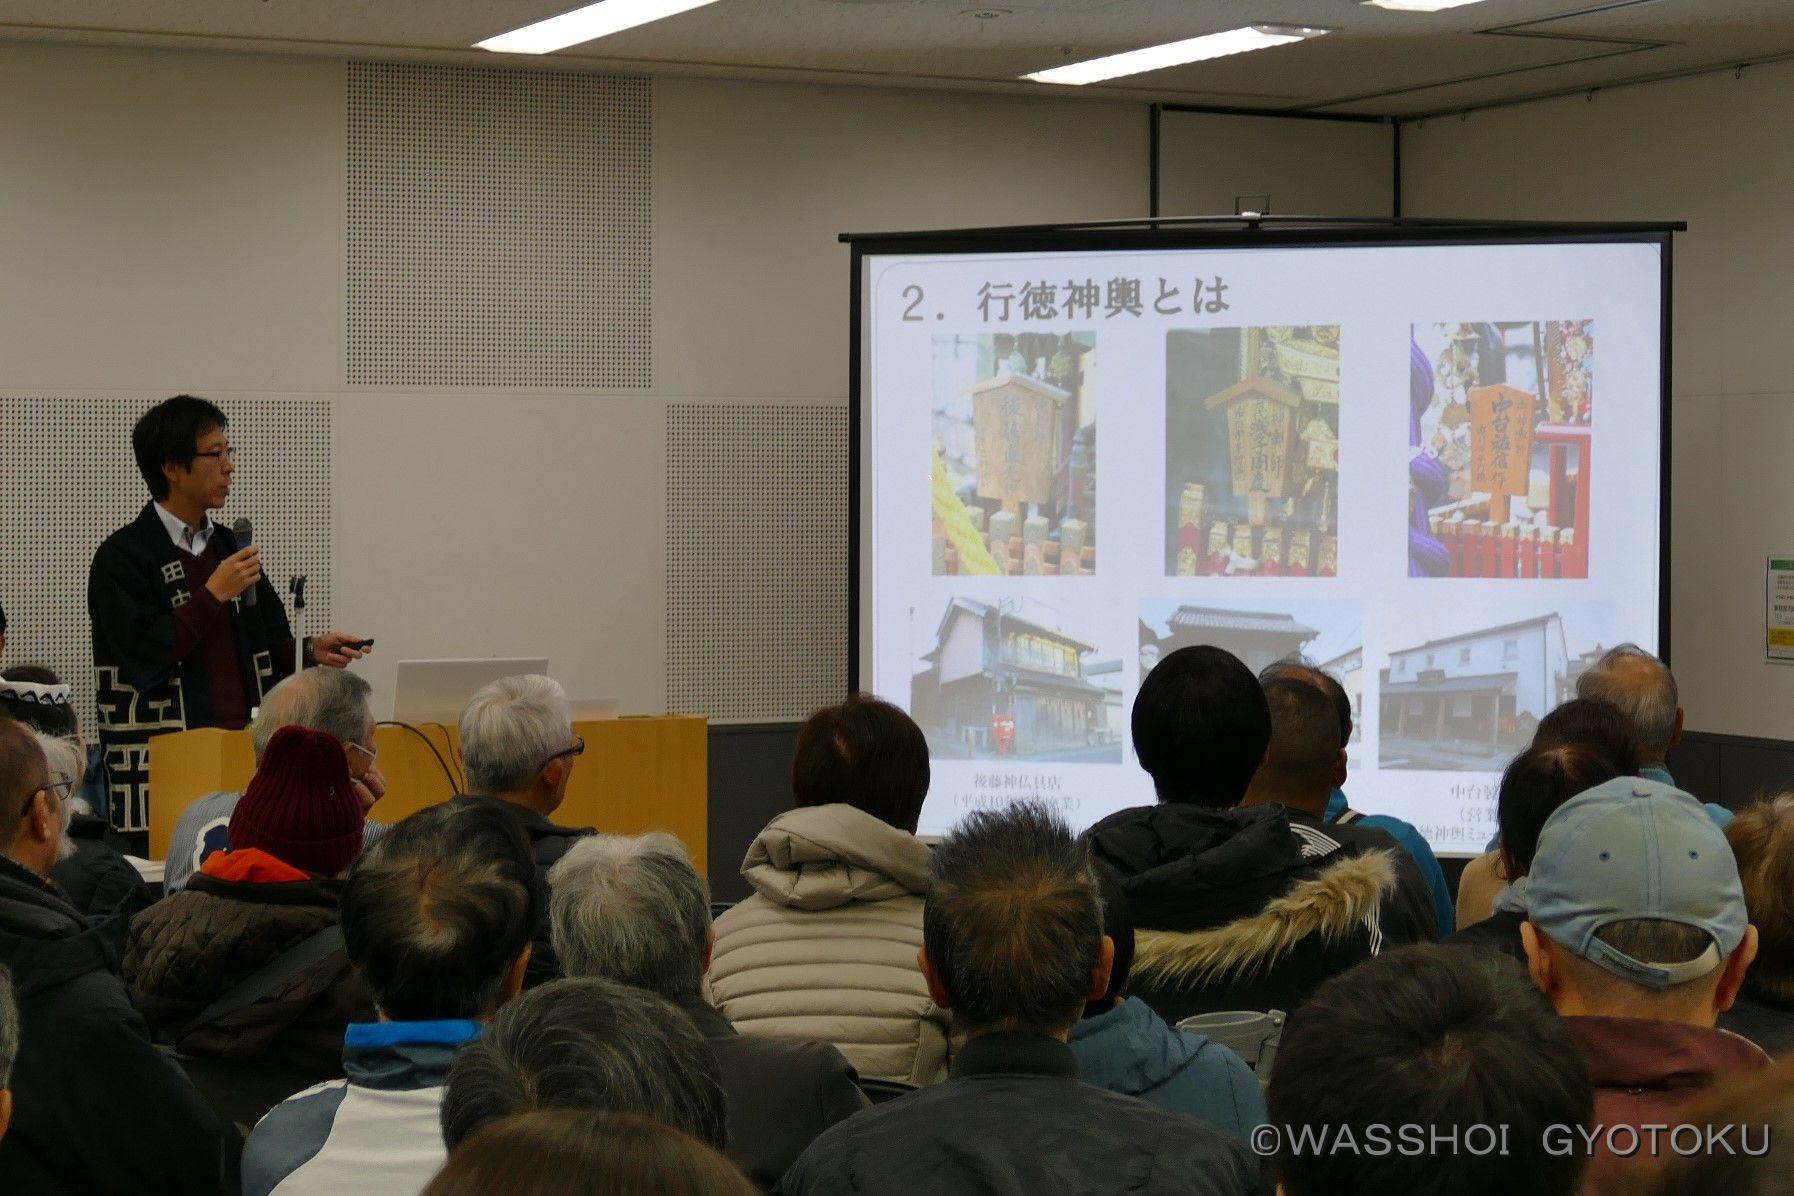 イベント実行委員長・田中祥一氏が神輿づくりの歴史について講演